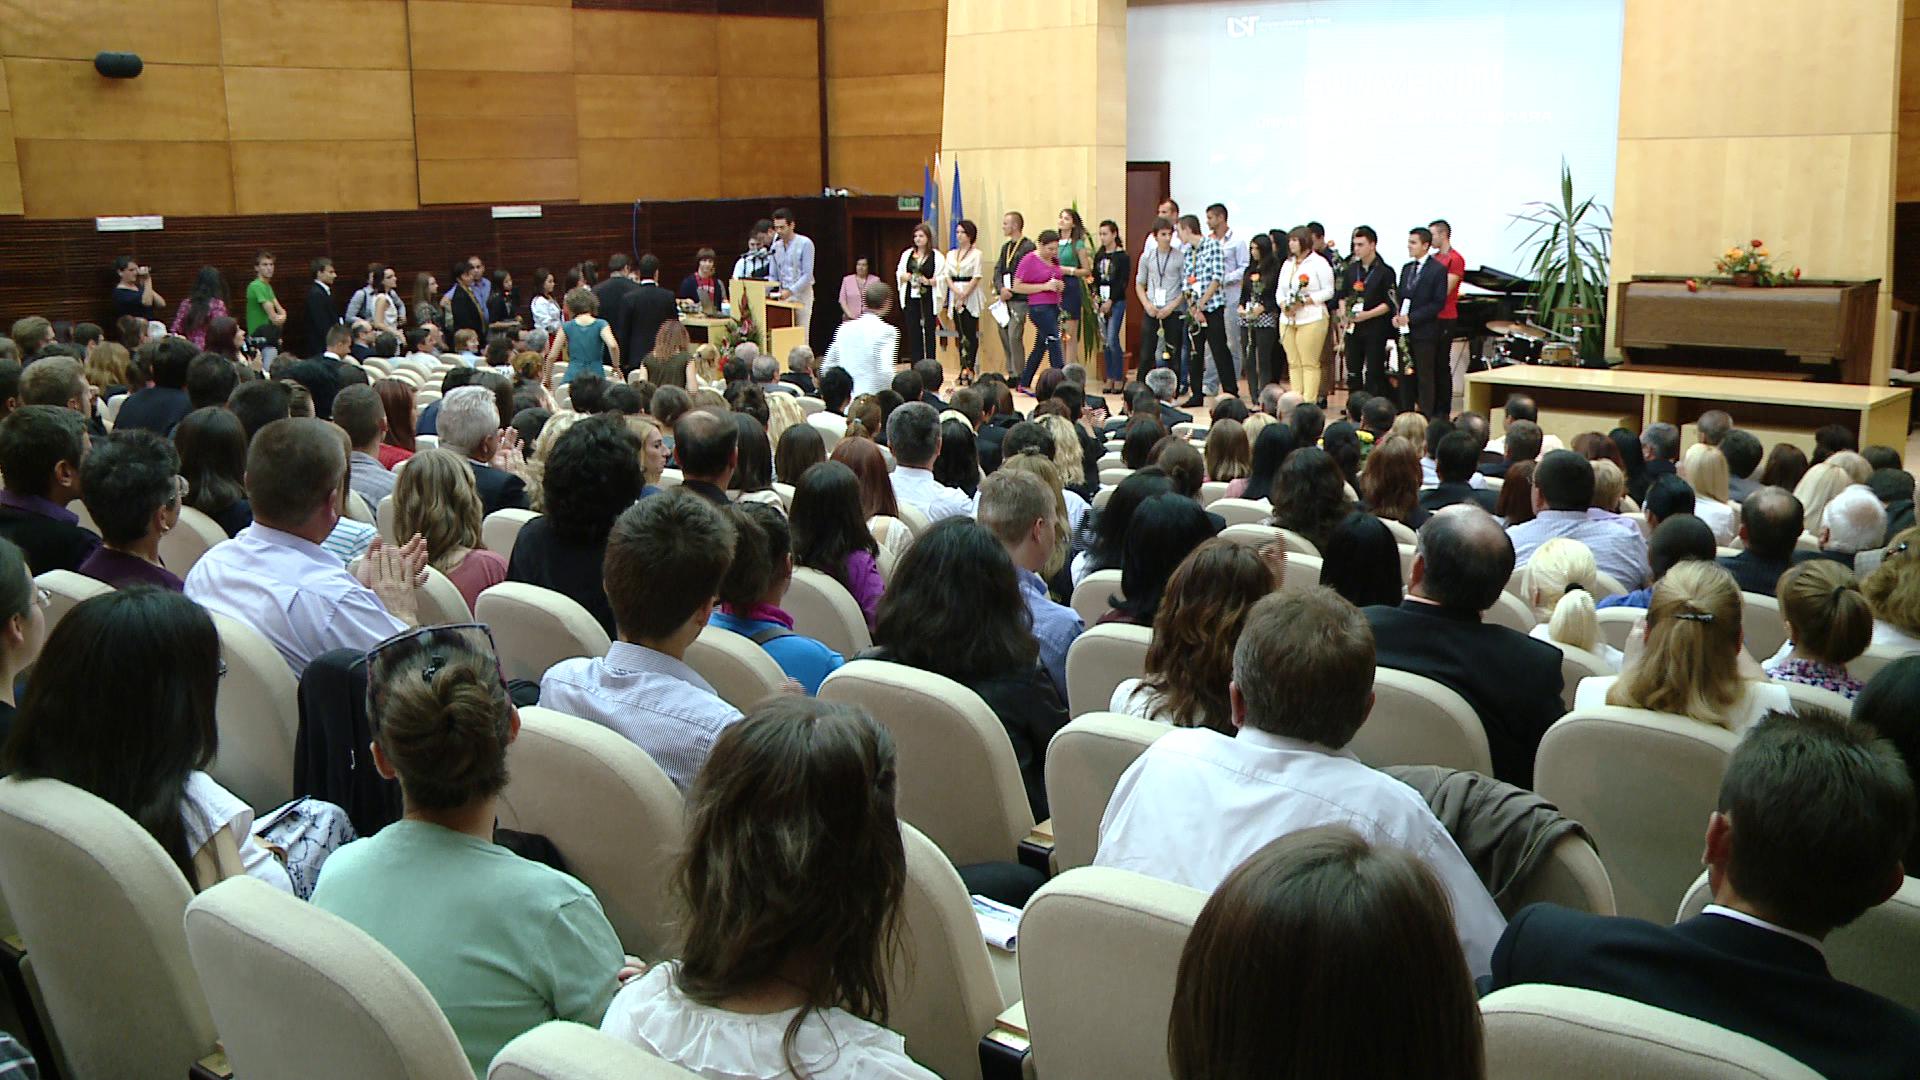 Festivitate de deschidere la Universitatea de Vest. 18.000 de studenti vor incepe cursurile